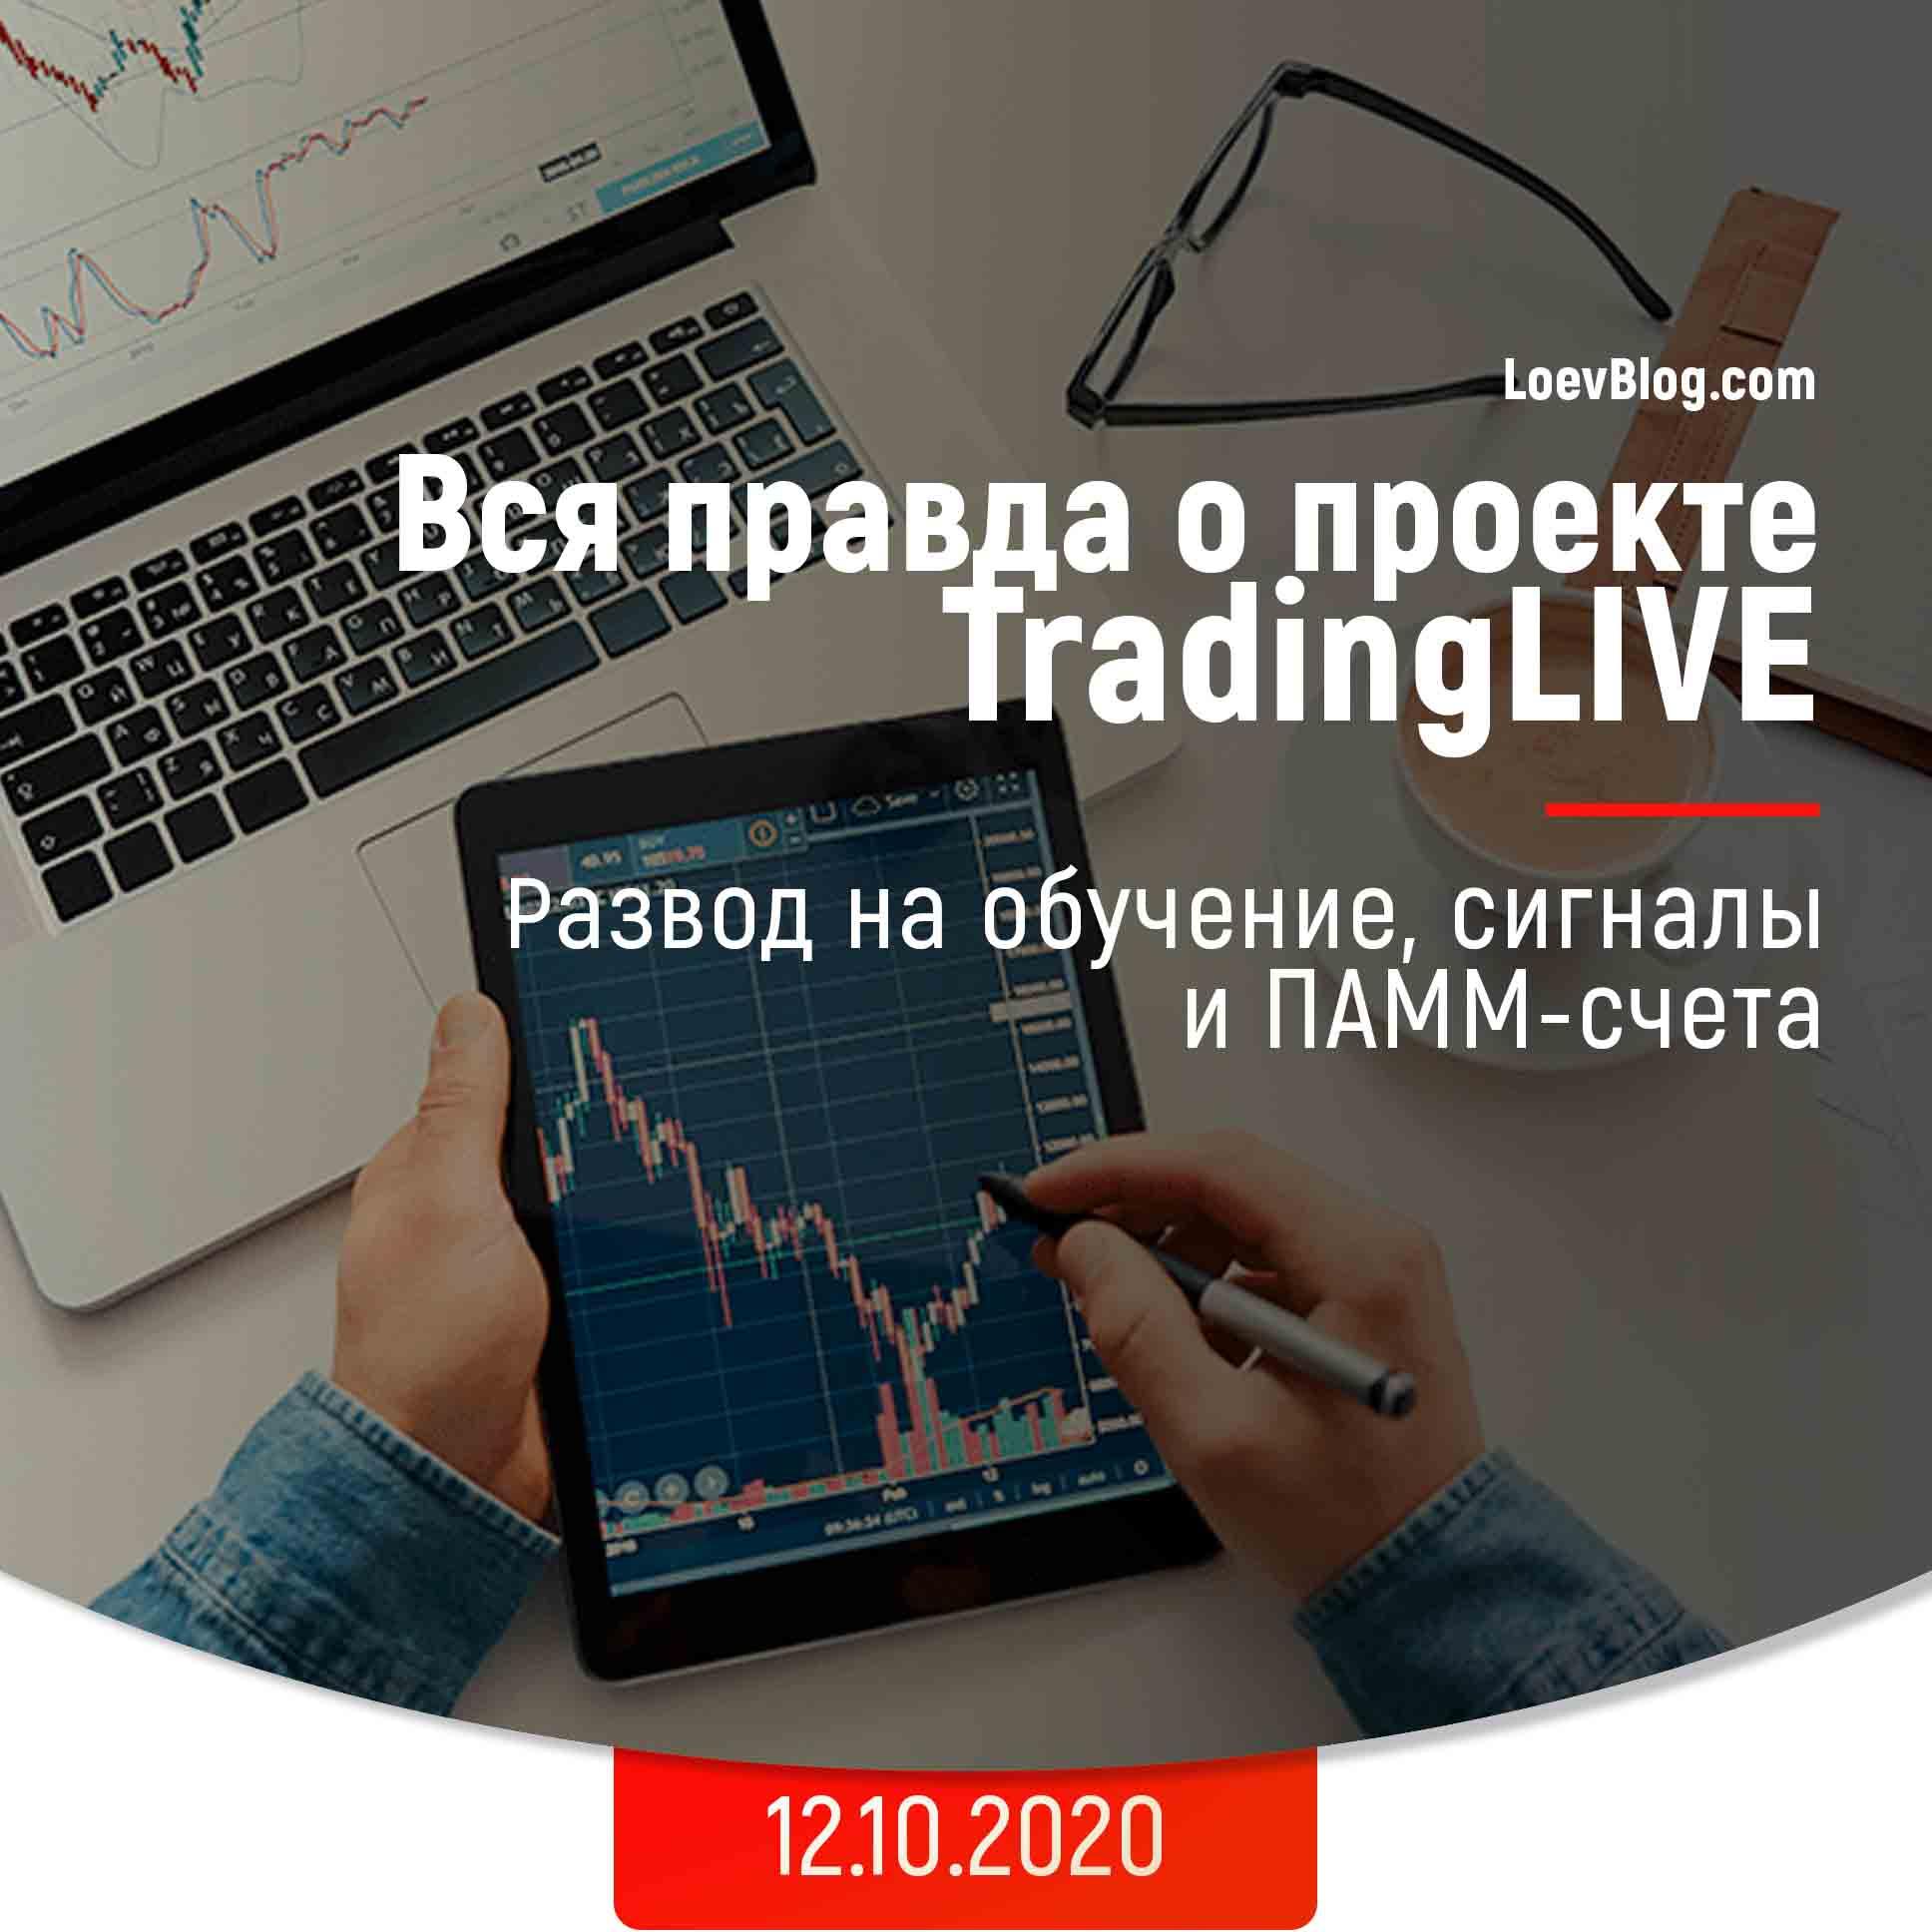 Отзывы TradingLive. Сигналы, обучение, ПАММ 1